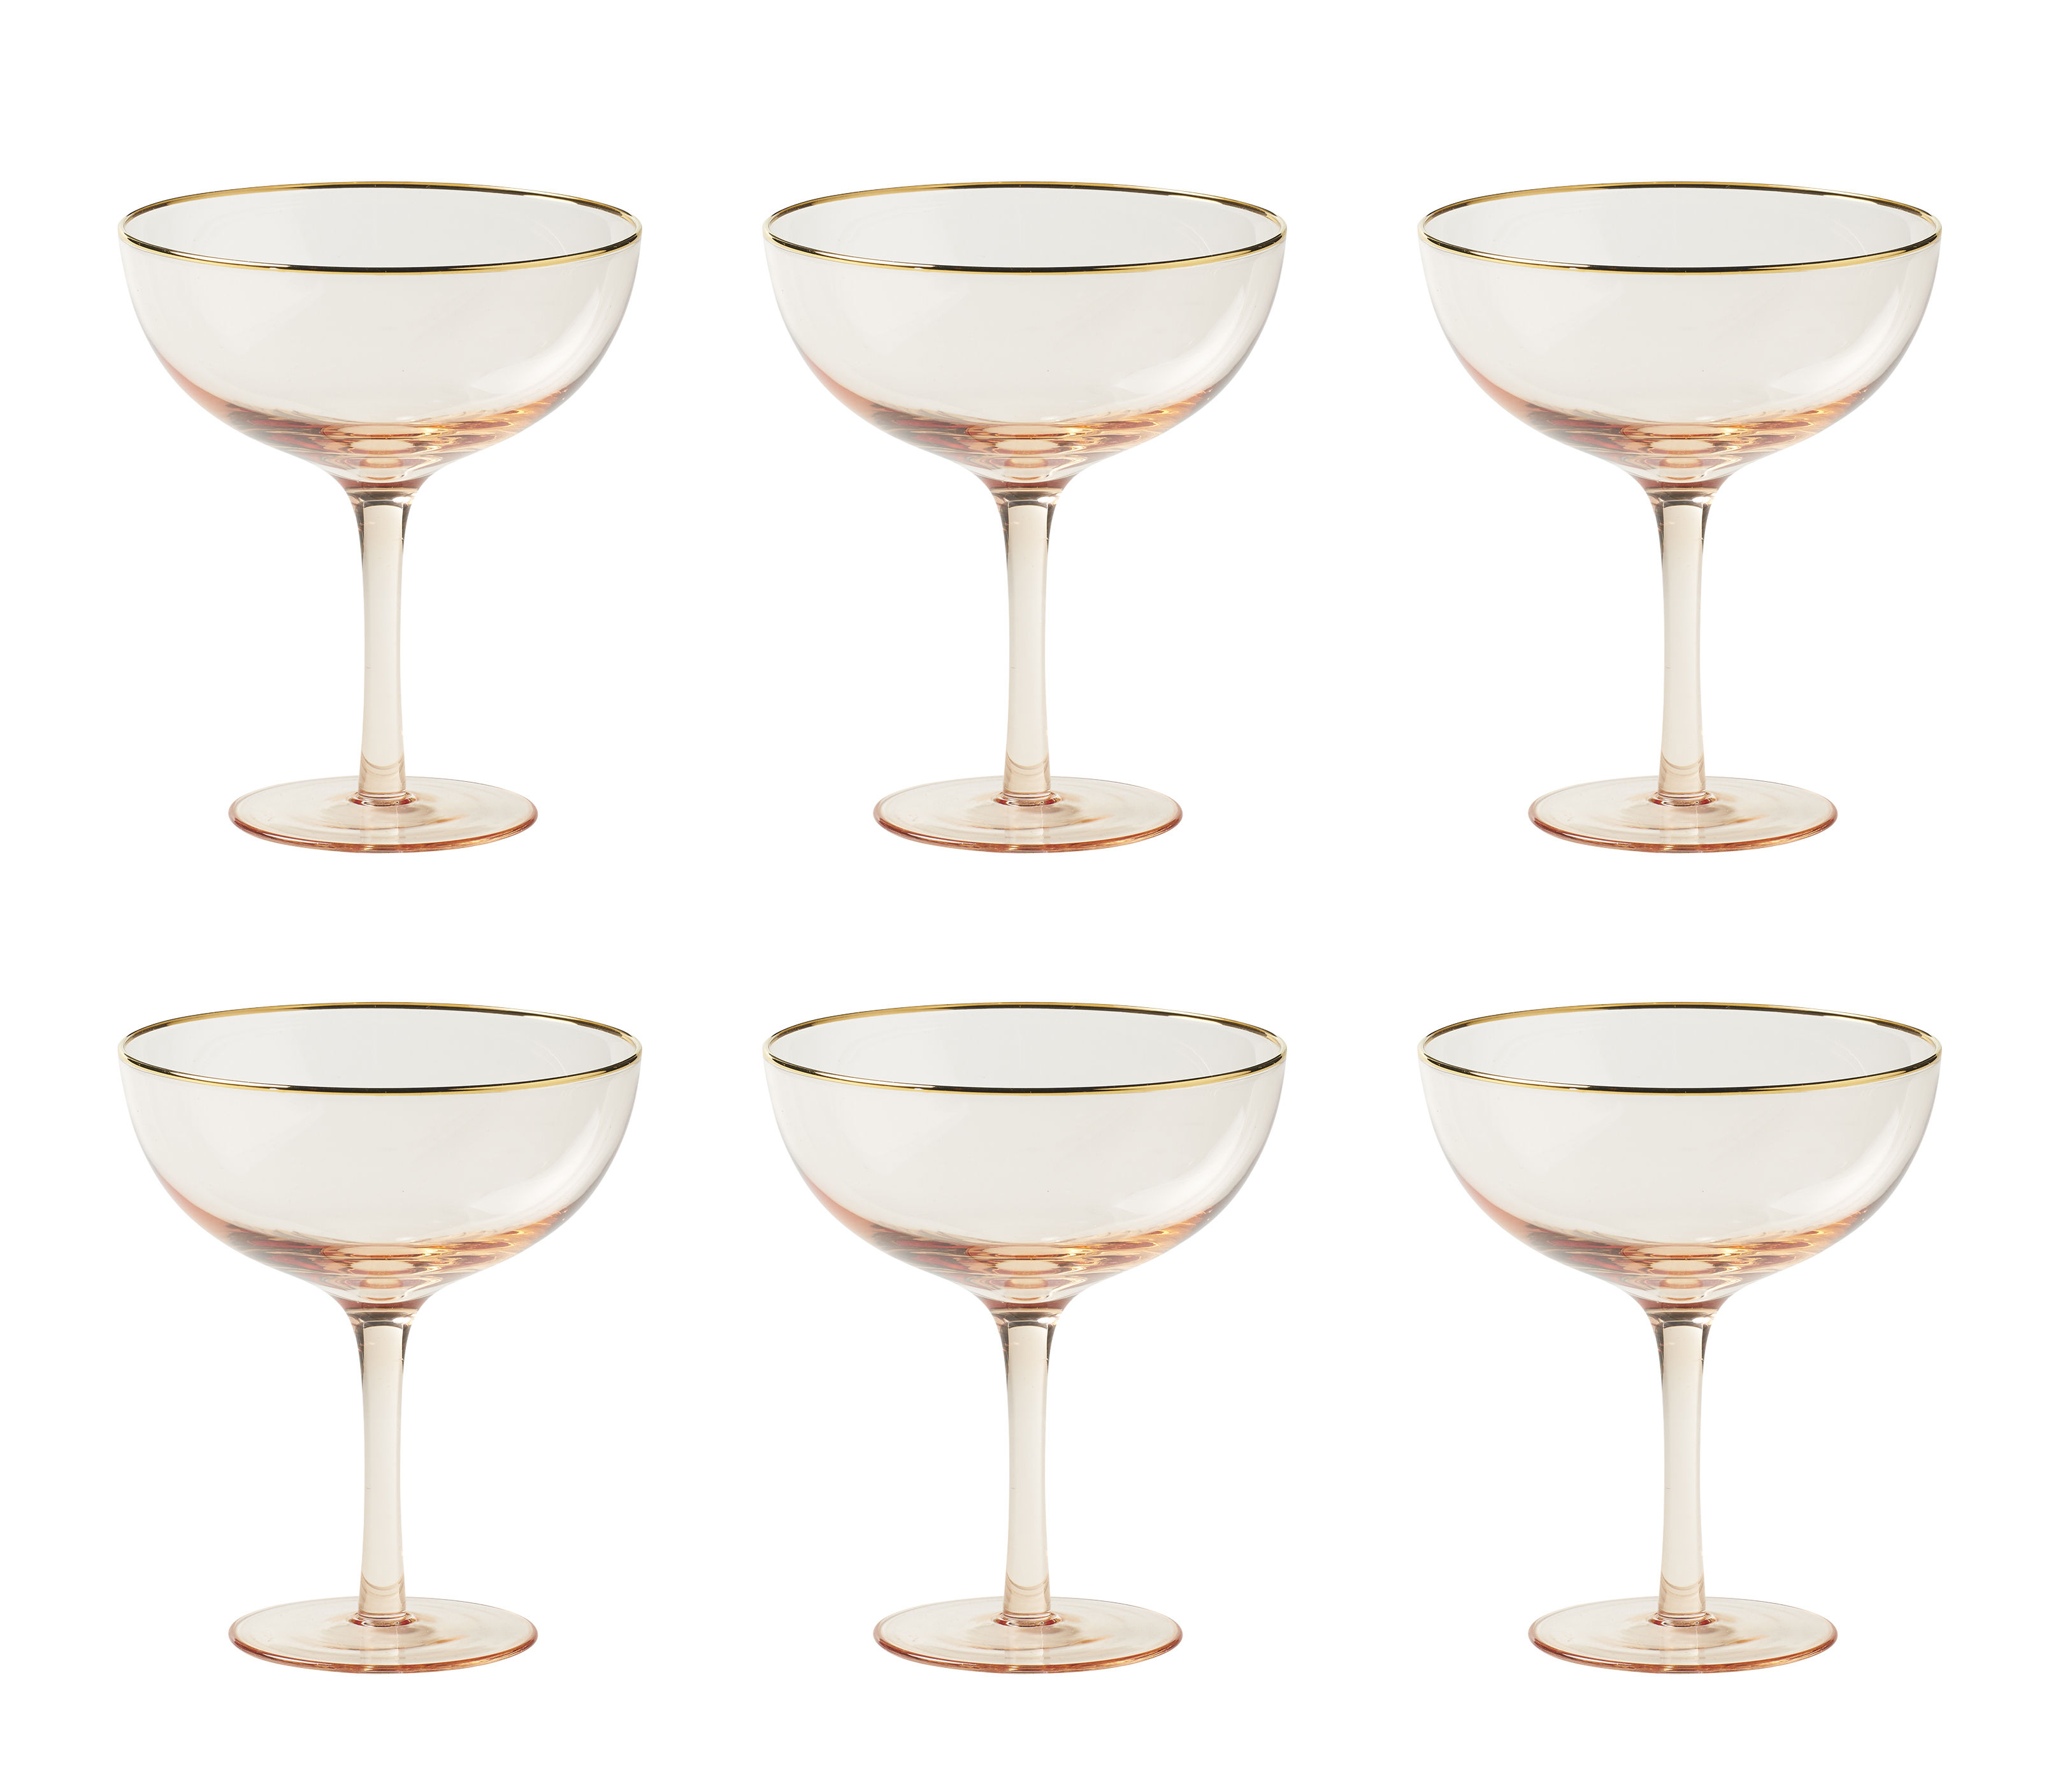 Arts de la table - Verres  - Coupe à champagne Decò / Set de 6 - H 12,4 cm - Bitossi Home - Rose poudré - Verre soufflé